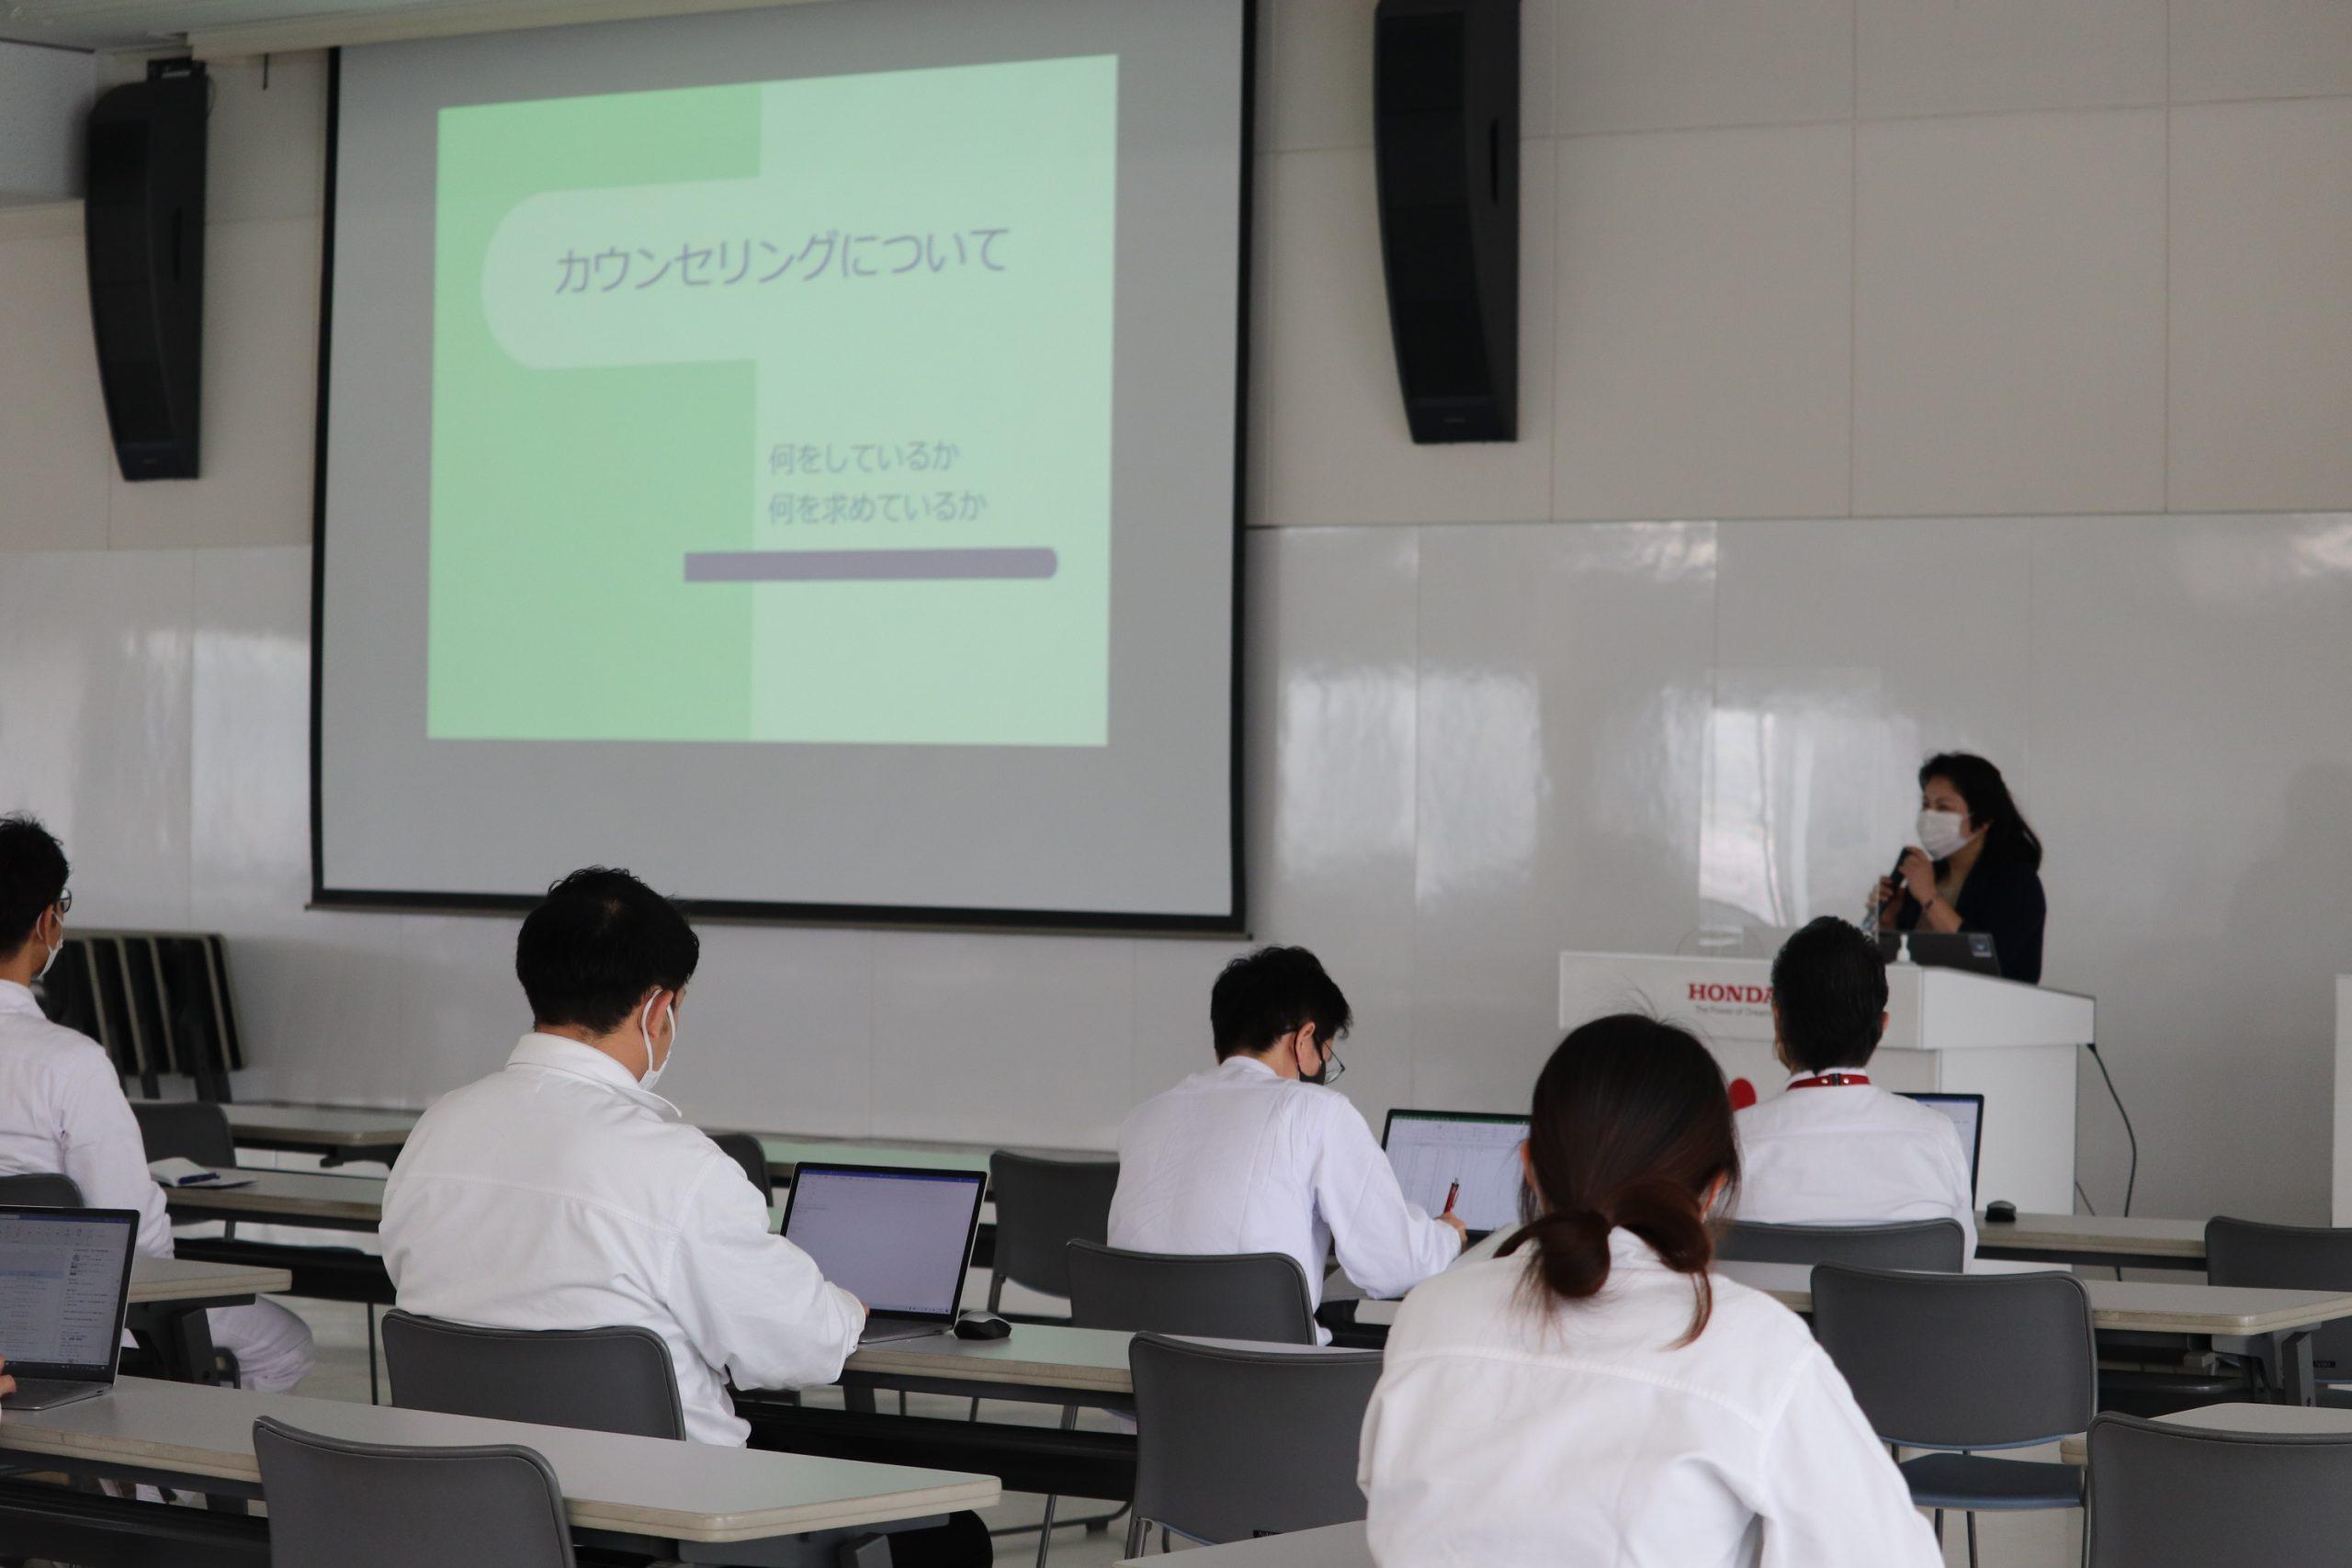 【講習】学生との接し方(カウンセリング)についての勉強会